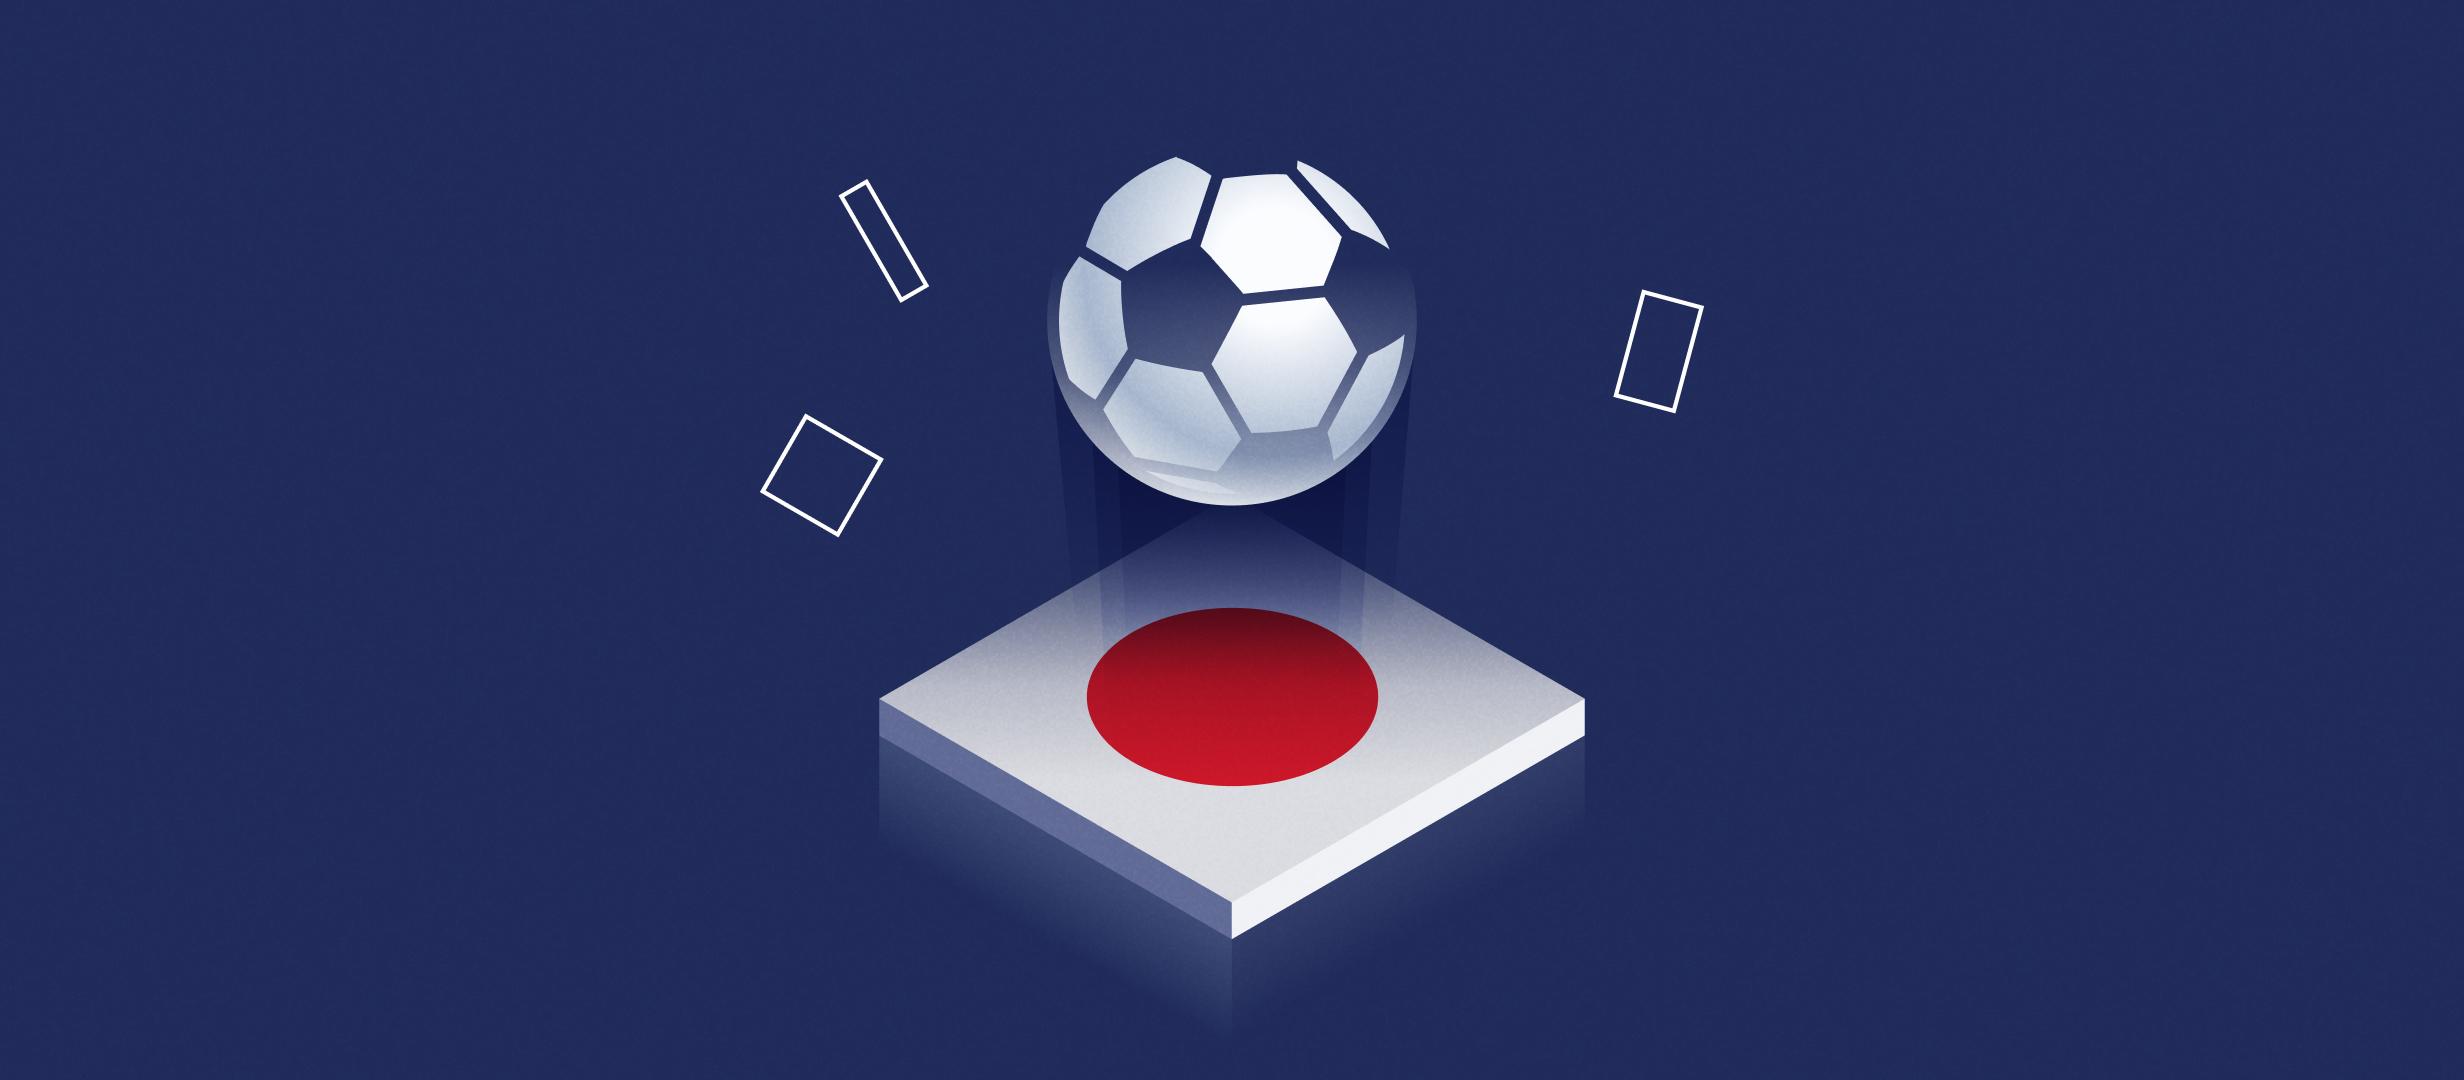 Футбол на Олимпийских играх-2021 в Токио